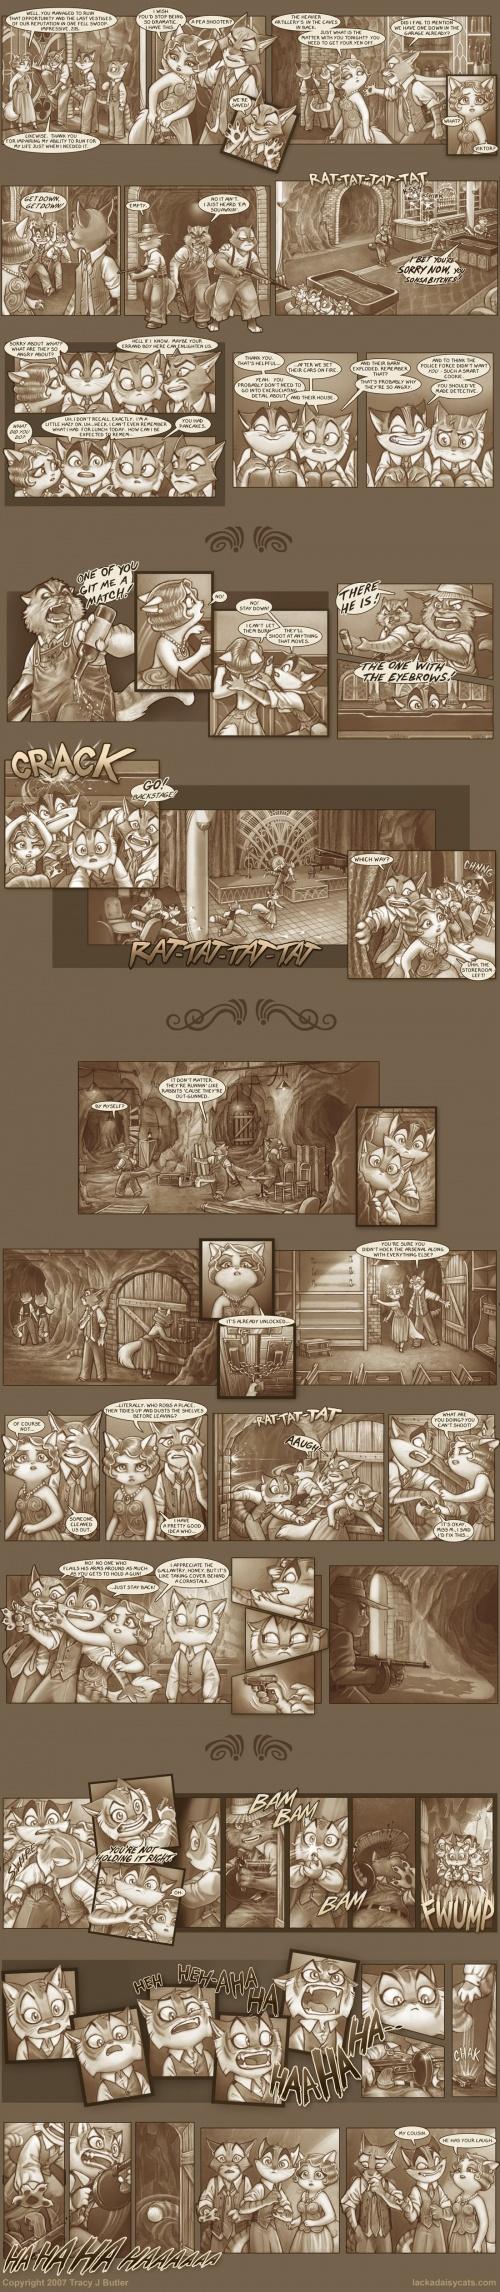 Иллюстрации Lackadaisy (27 работ)